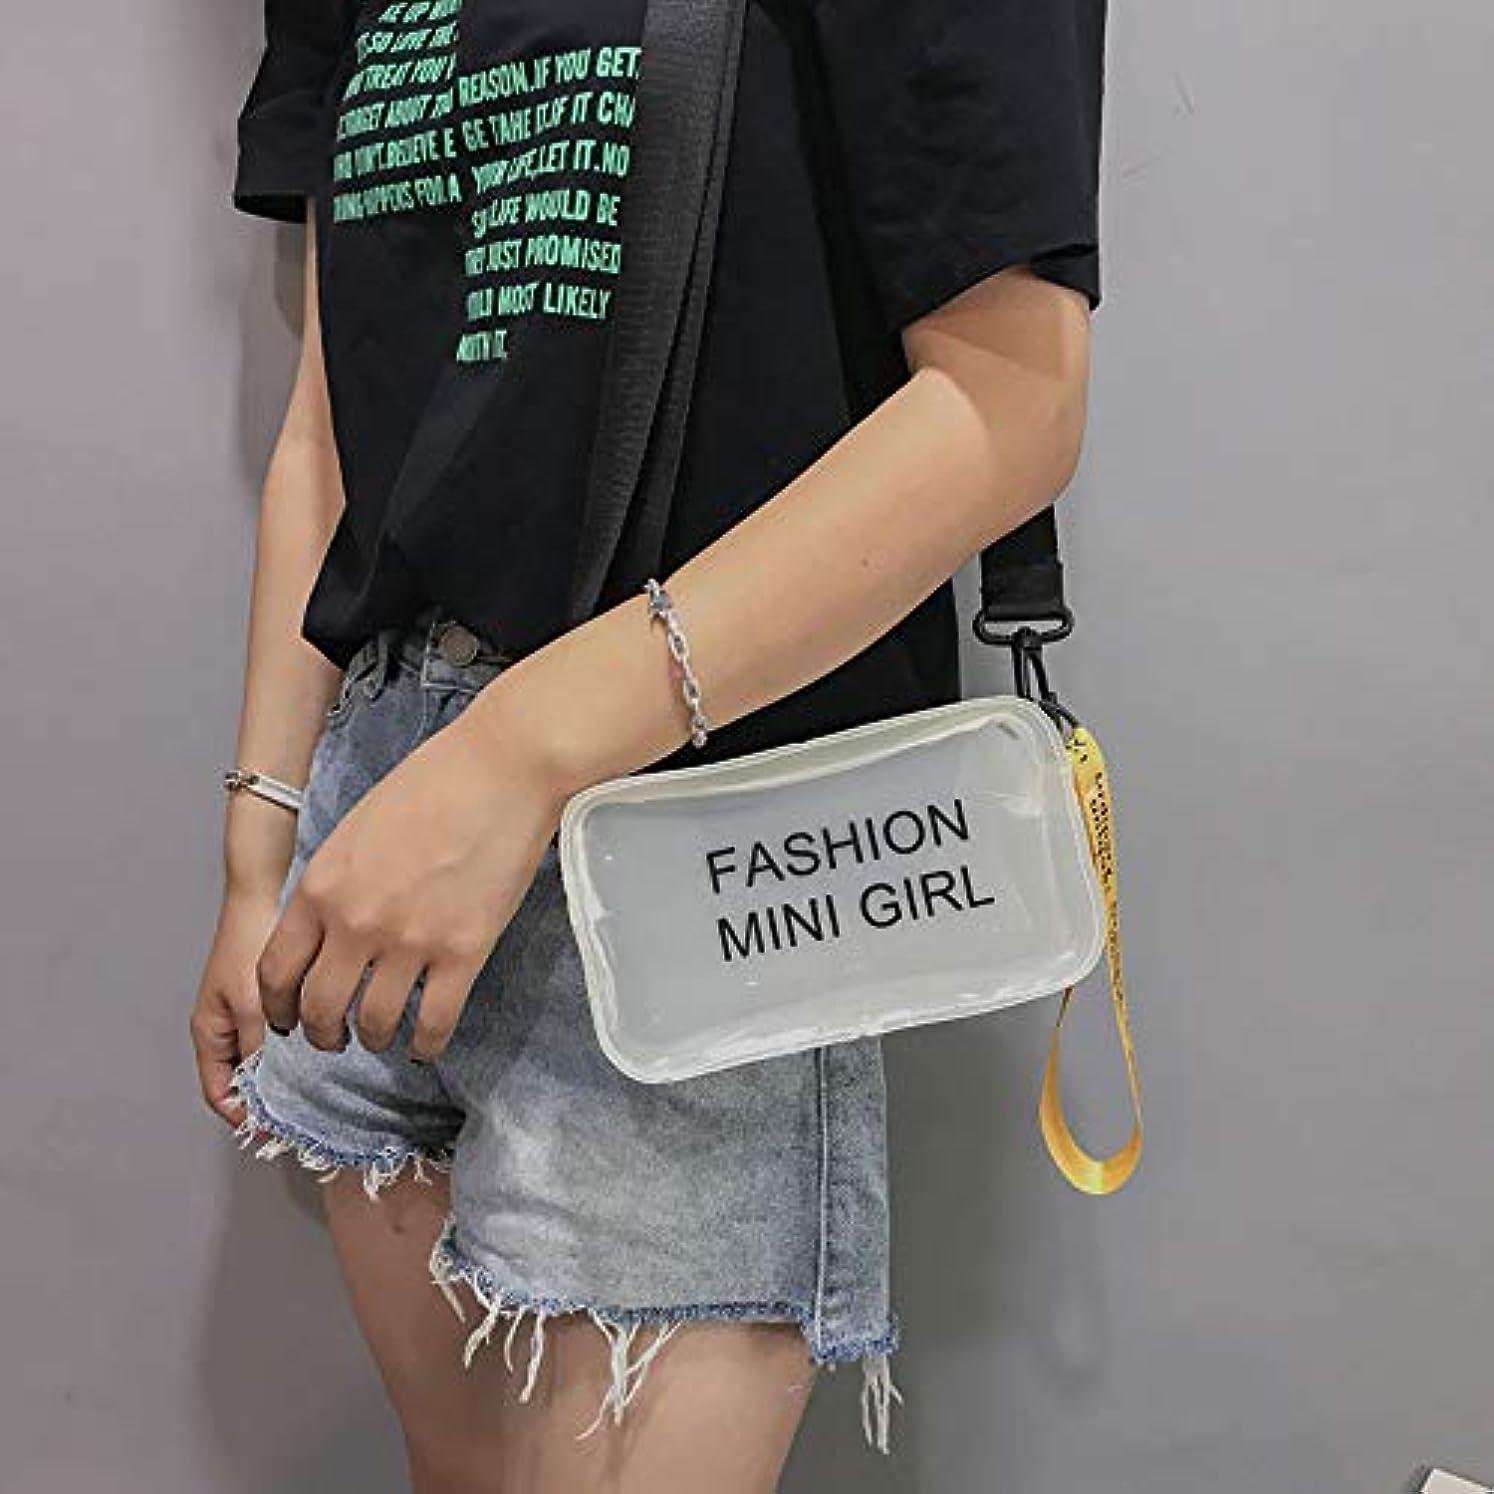 名義で検査官ソース女性ファッションゼリー手紙ストリートシンプルデザインショルダーバッグメッセンジャーバッグ、ゼリー手紙メッセンジャーバッグハンドバッグ携帯電話バッグ、ファッション汎用メッセンジャーバッグショルダーバッグハンドバッグ (白)